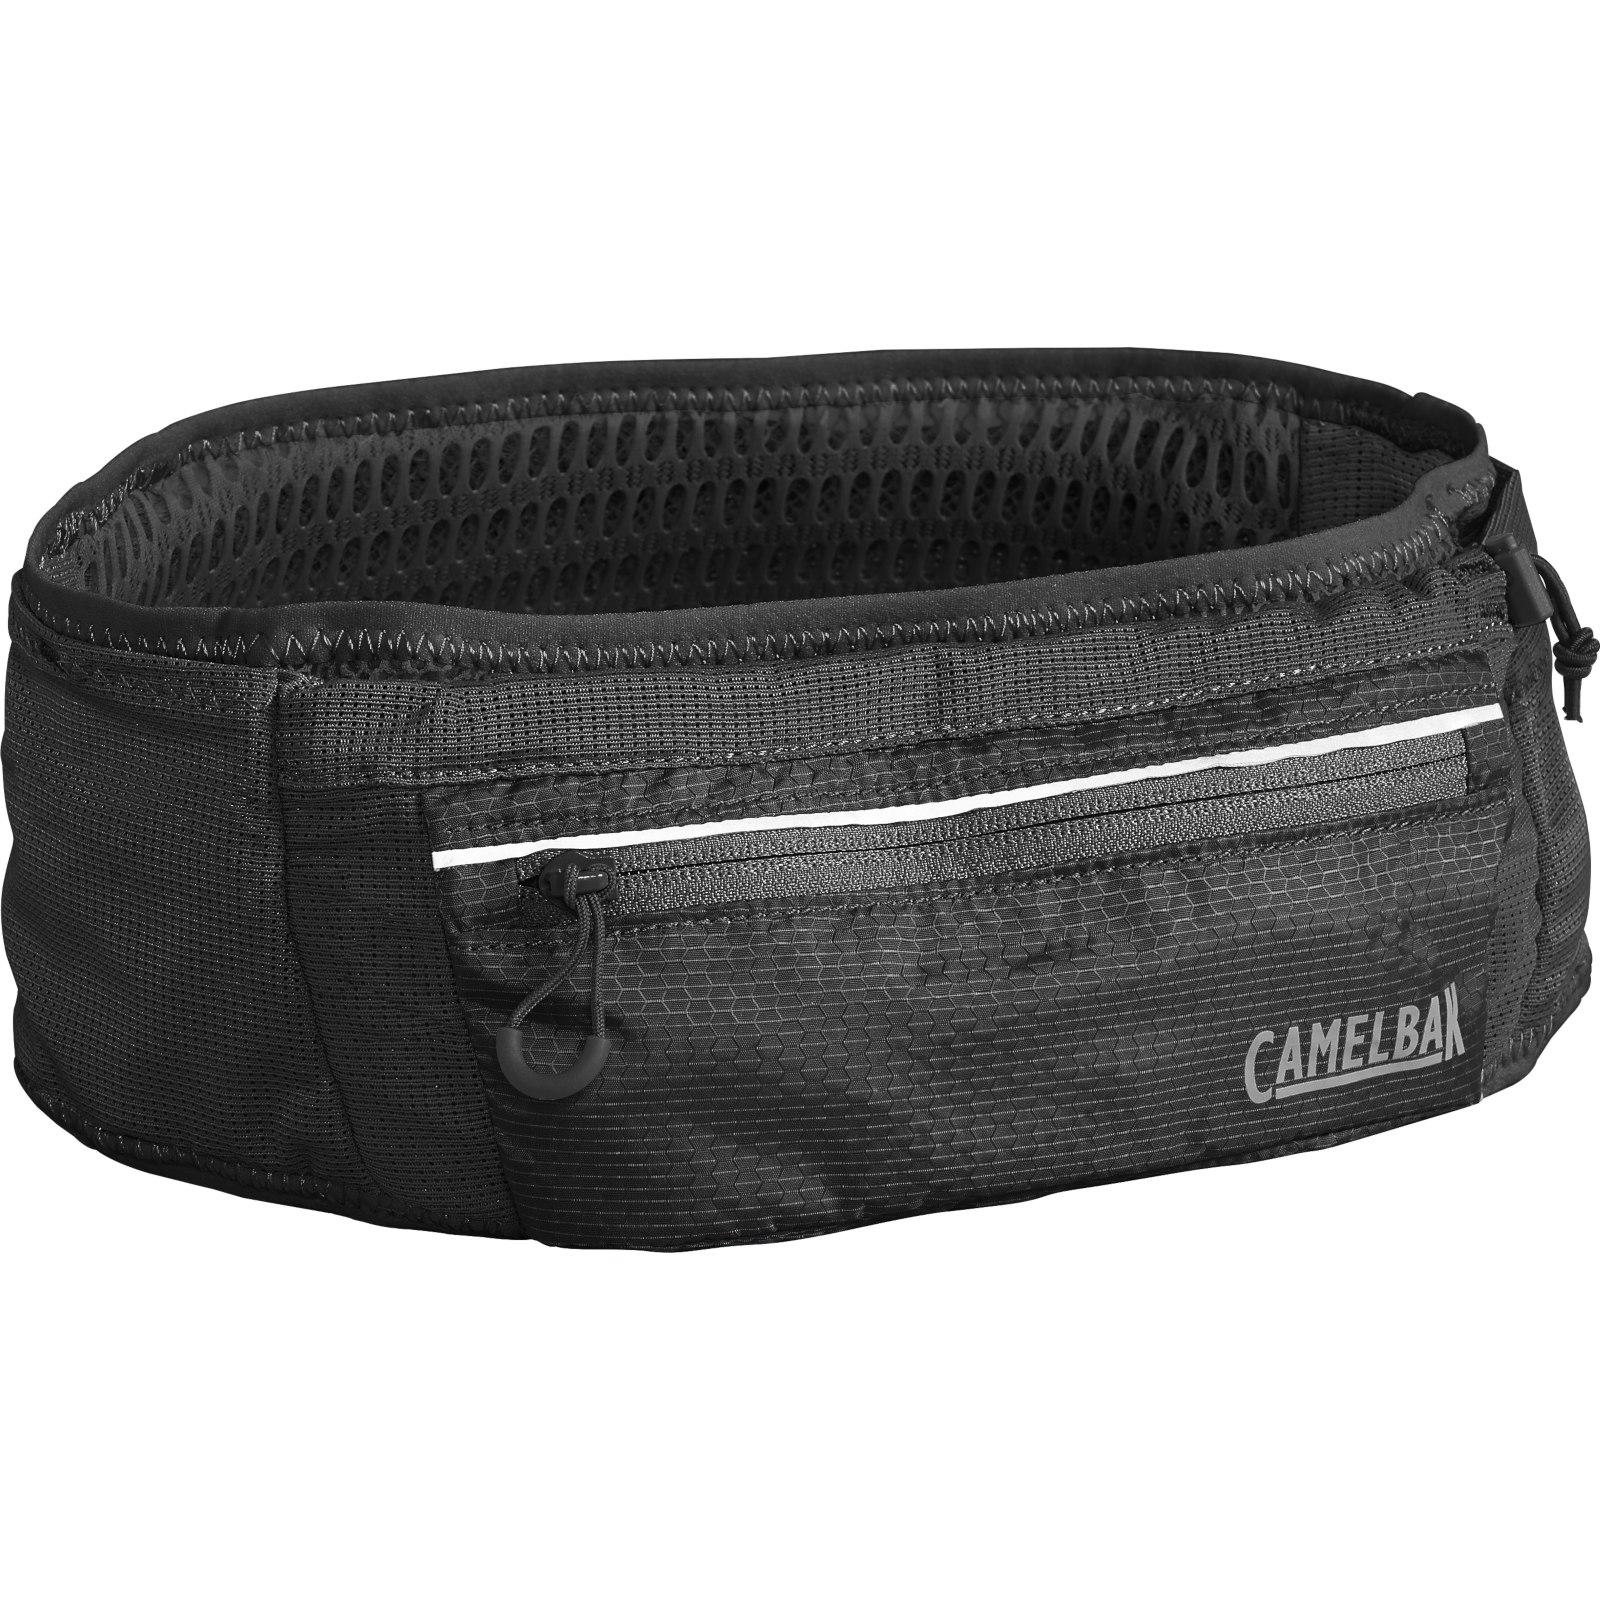 Foto de CamelBak Ultra Belt Hydration Belt - Black